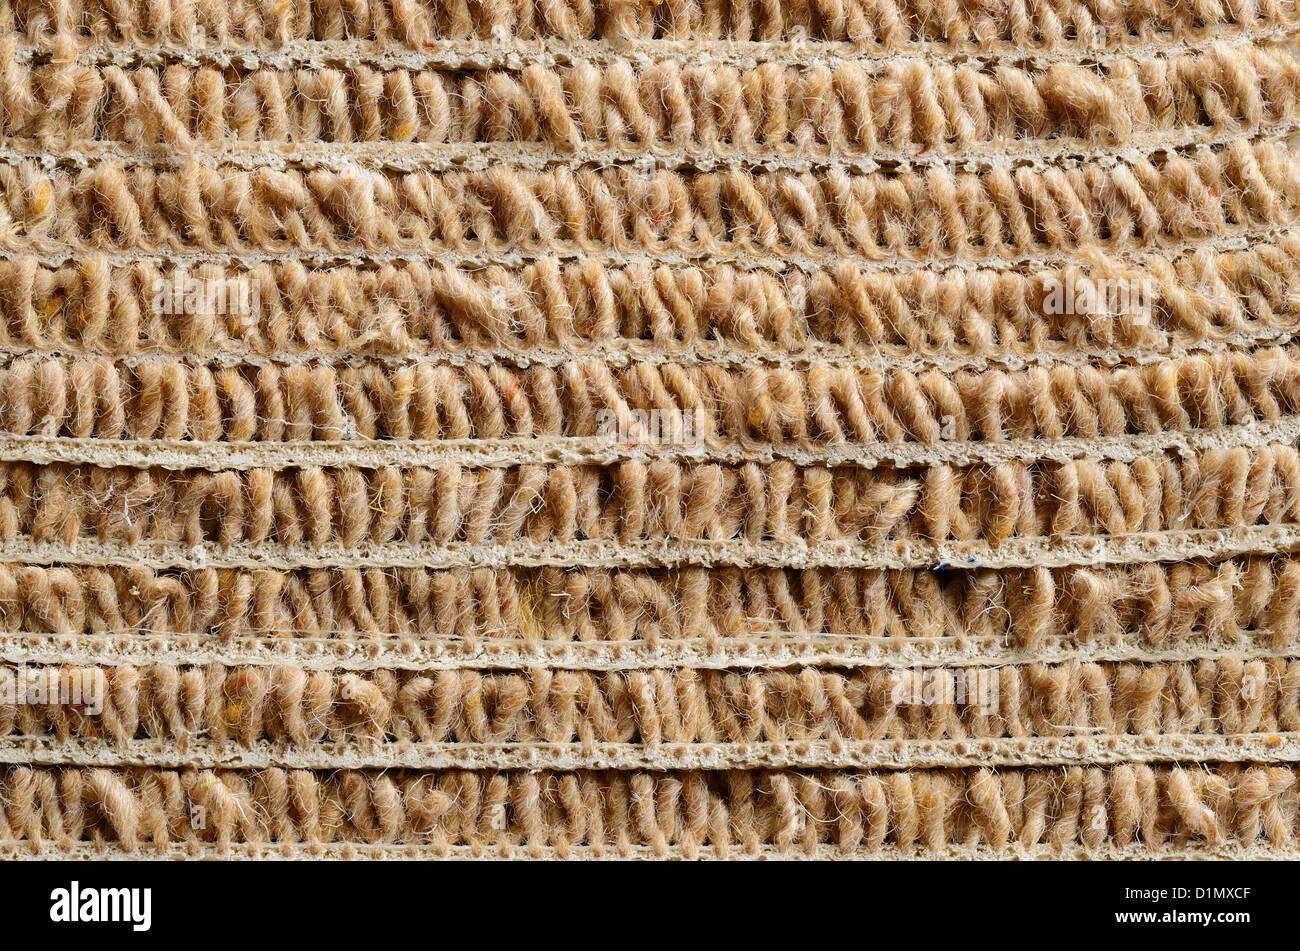 Sección transversal de un rollo de alfombra beige Foto de stock